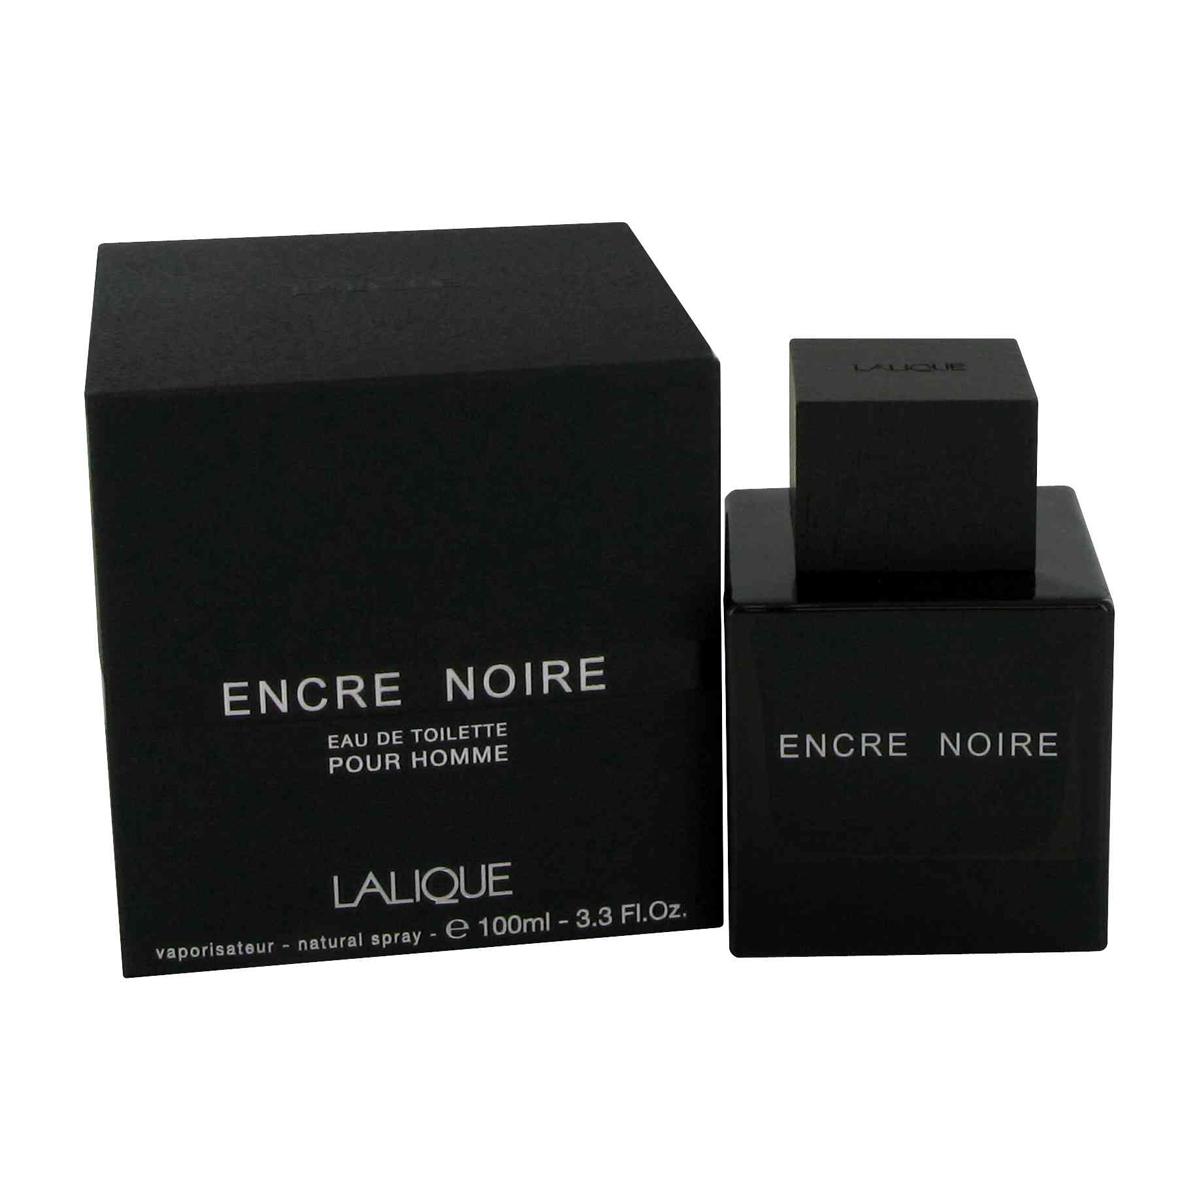 Lalique Encre Noire Туалетная вода мужская спрей 100 млLLQ013201Элегантный древесный аромат Encre Noire построен на гармоничном сочетании бархатистых, глубоких нот бурбонского ветивера и таинственных, чуть пряных нот гаитянского. Данная гармония оттеняется аккордами кипариса, кашемирового дерева и мускуса, добавляющими в аромат чувственности и пламенной страсти.